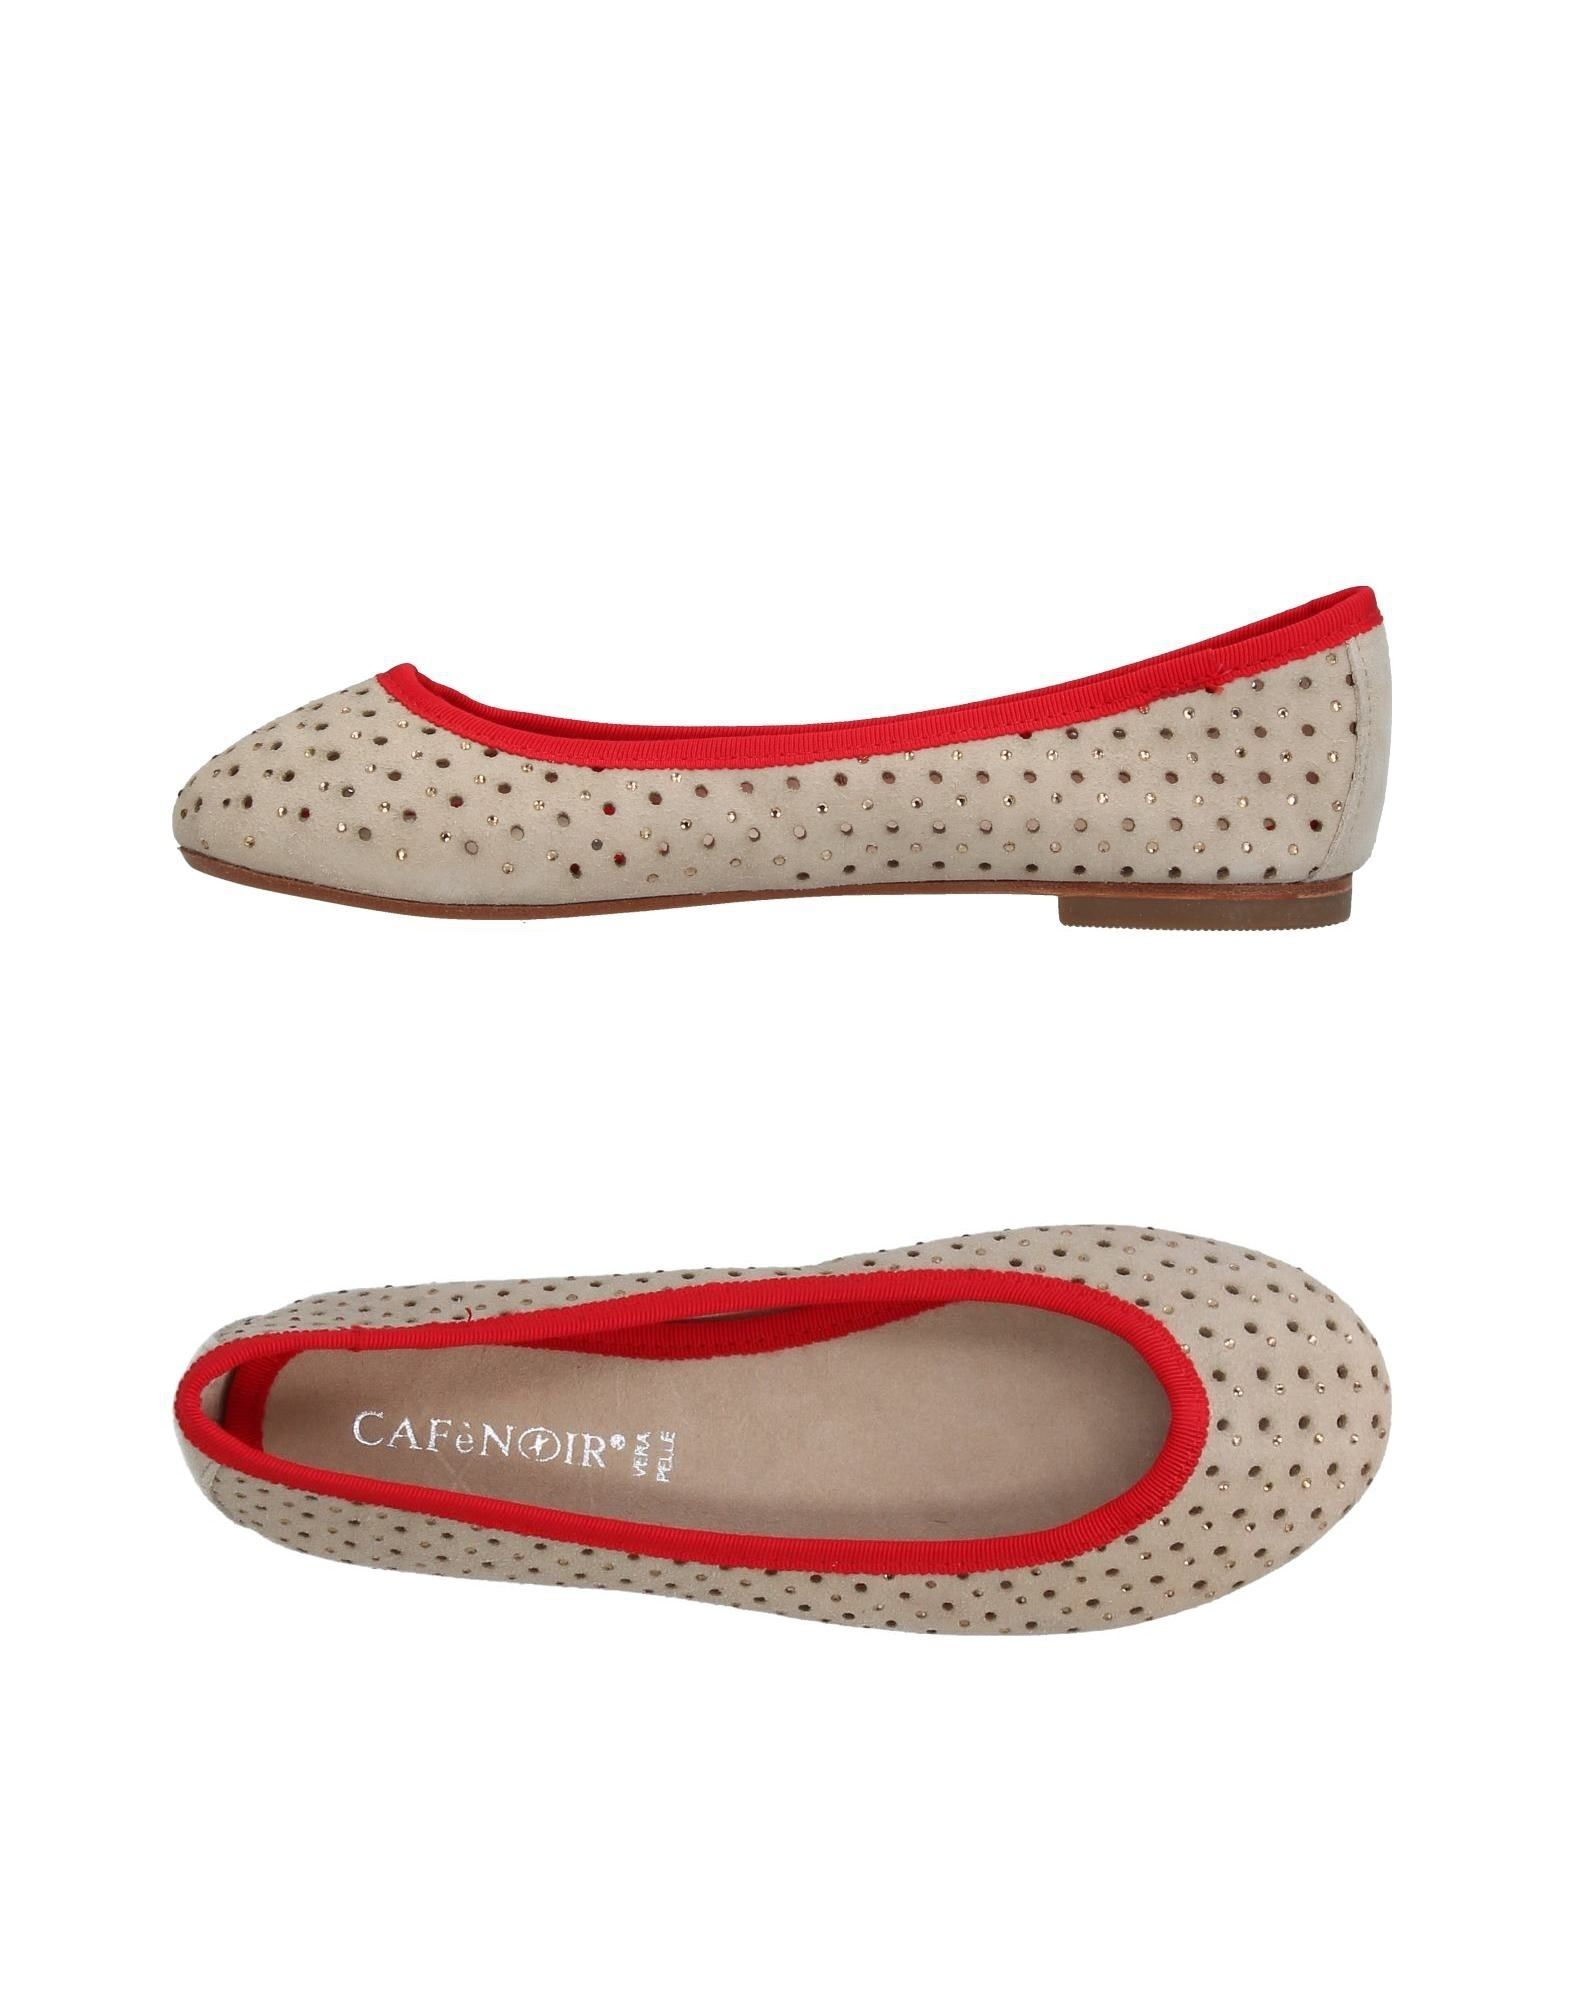 Cafènoir Ballerinas Damen  11337099CK Gute Qualität beliebte Schuhe